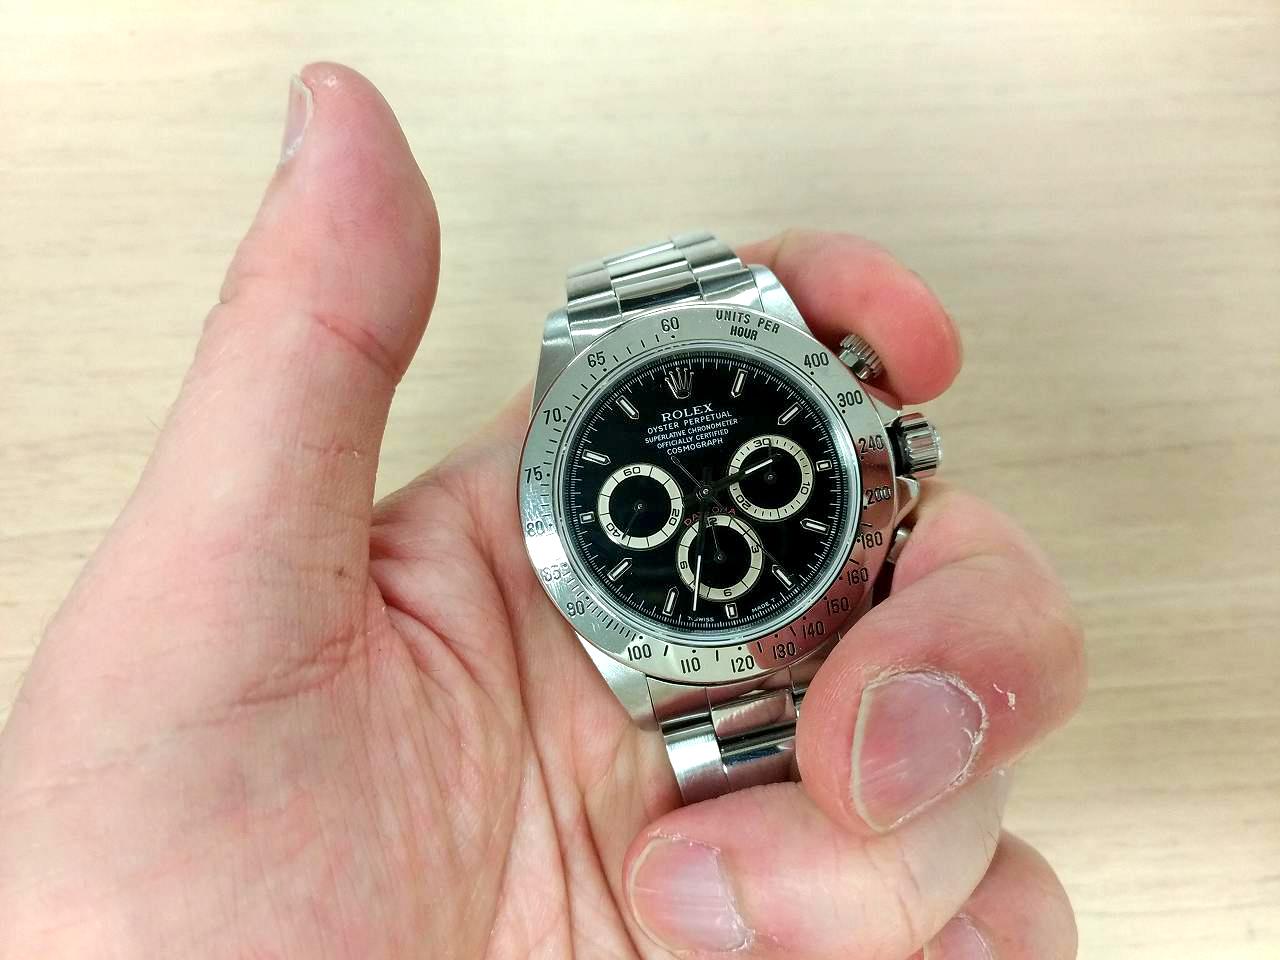 【自己投影】アナタの着けてる腕時計は、アナタのなりたい「自分」。